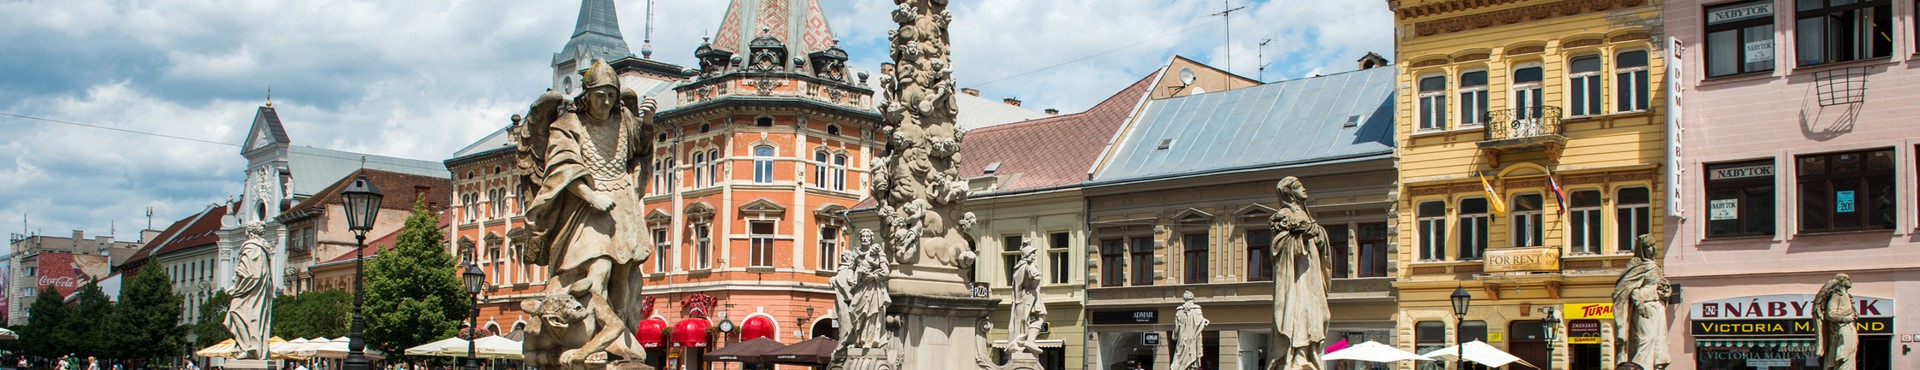 טיול מאורגן לסלובקיה גן העדן של אירופה - מנהר הדונייץ המרהיב ועד להרי הטטרה הנישאים